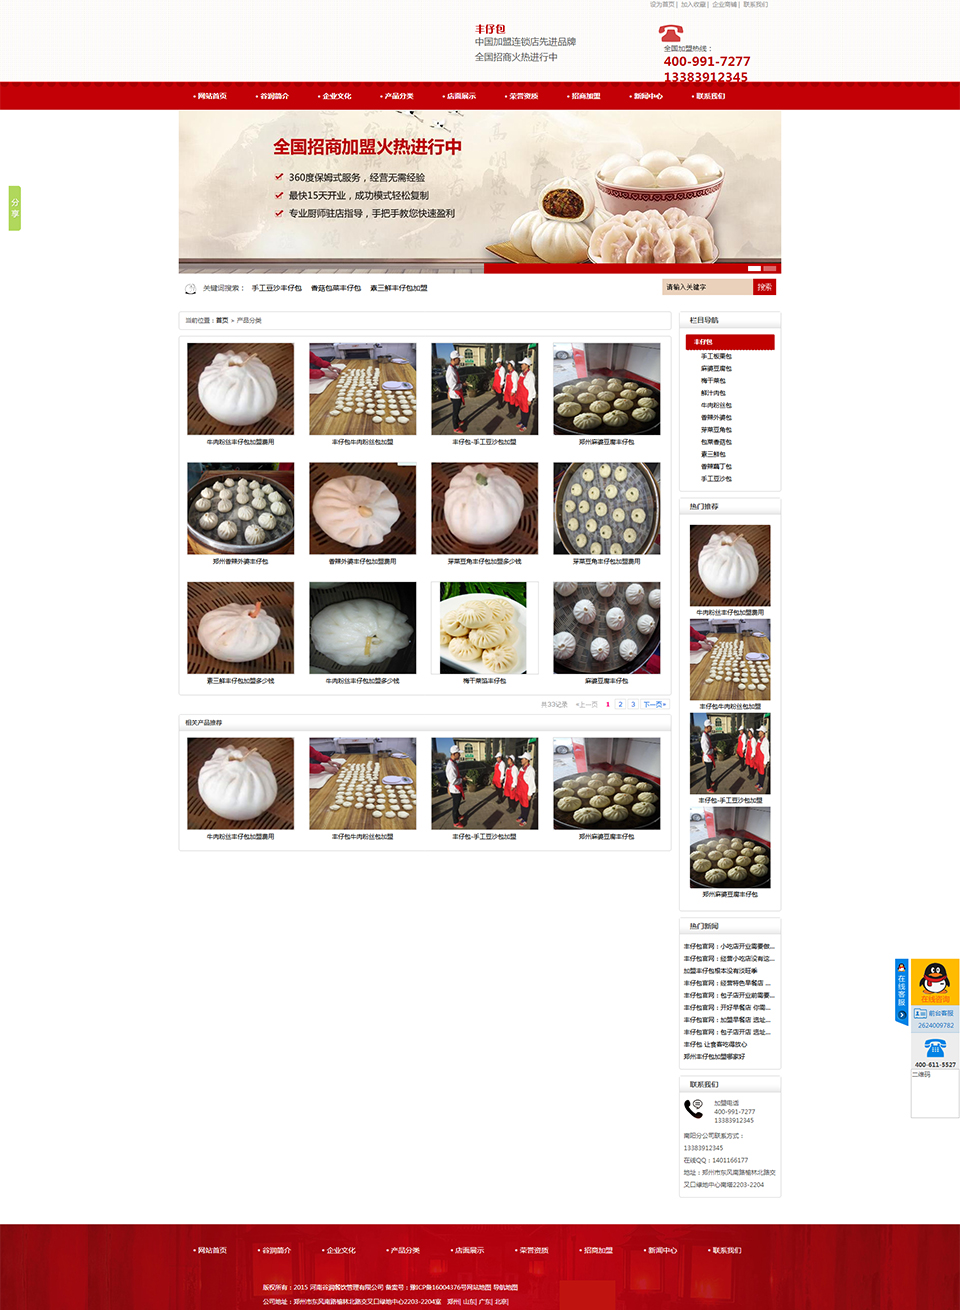 产品分类---河南谷润餐饮管理有限公司.jpg